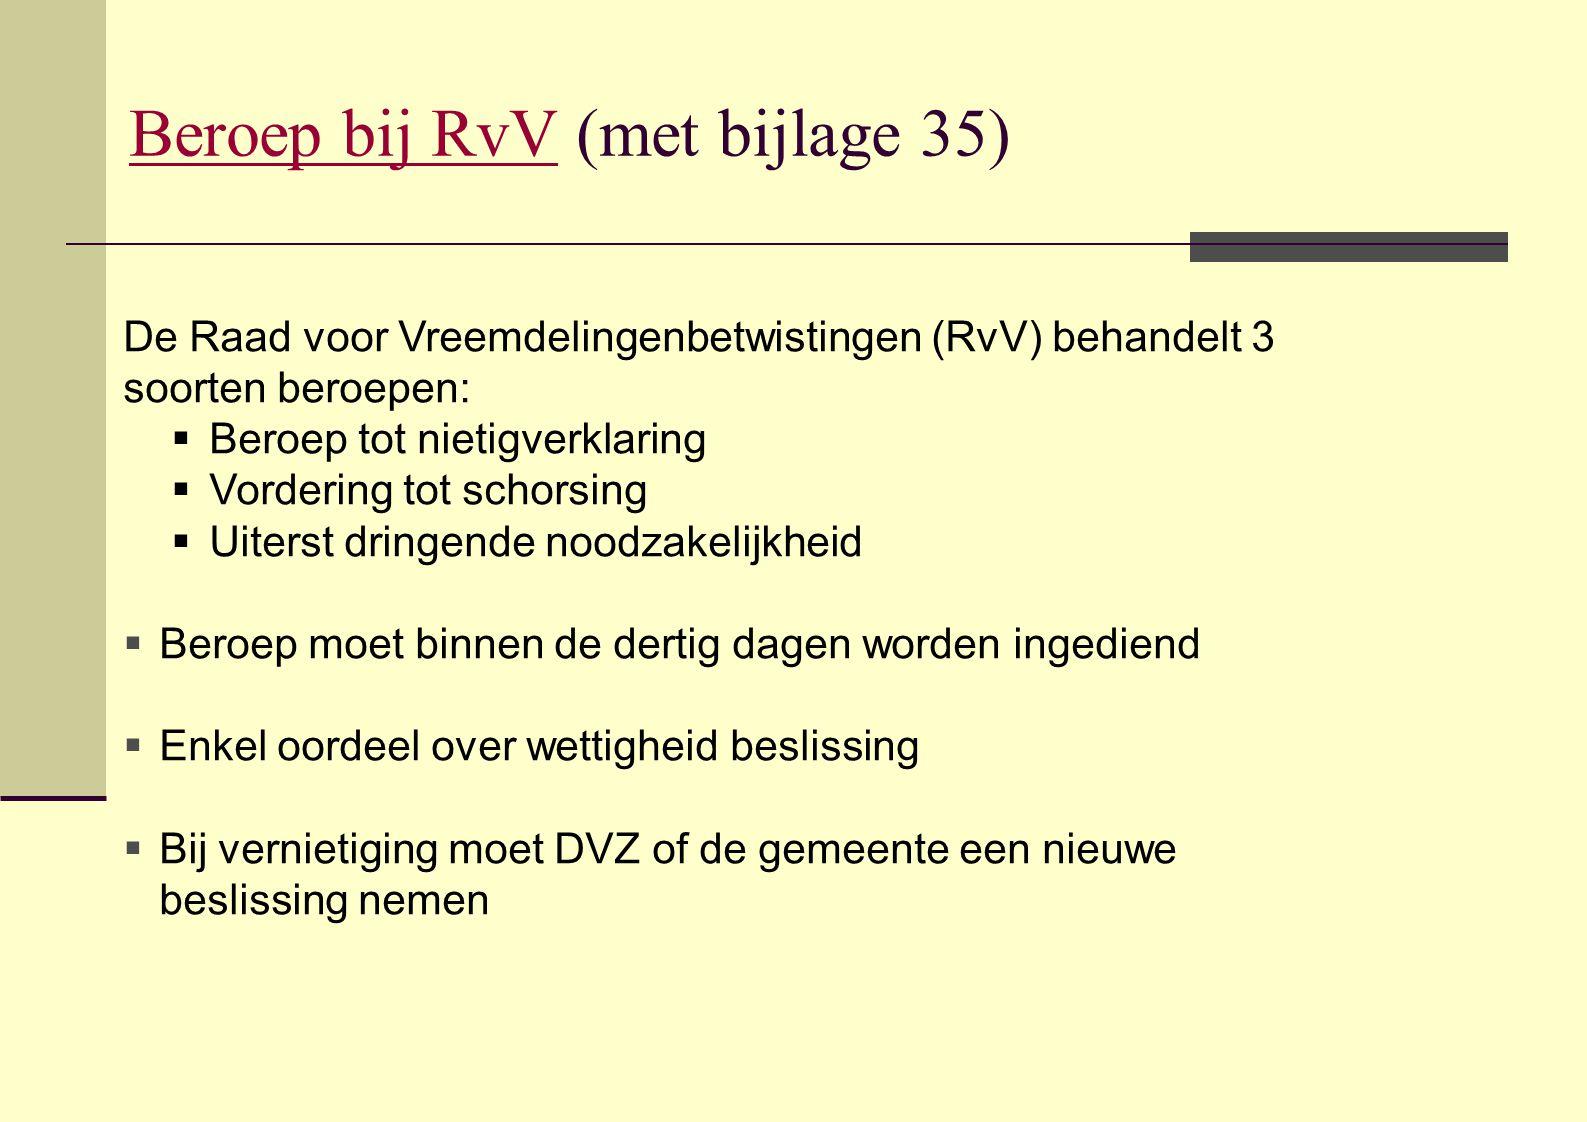 Beroep bij RvVBeroep bij RvV (met bijlage 35) De Raad voor Vreemdelingenbetwistingen (RvV) behandelt 3 soorten beroepen:  Beroep tot nietigverklaring